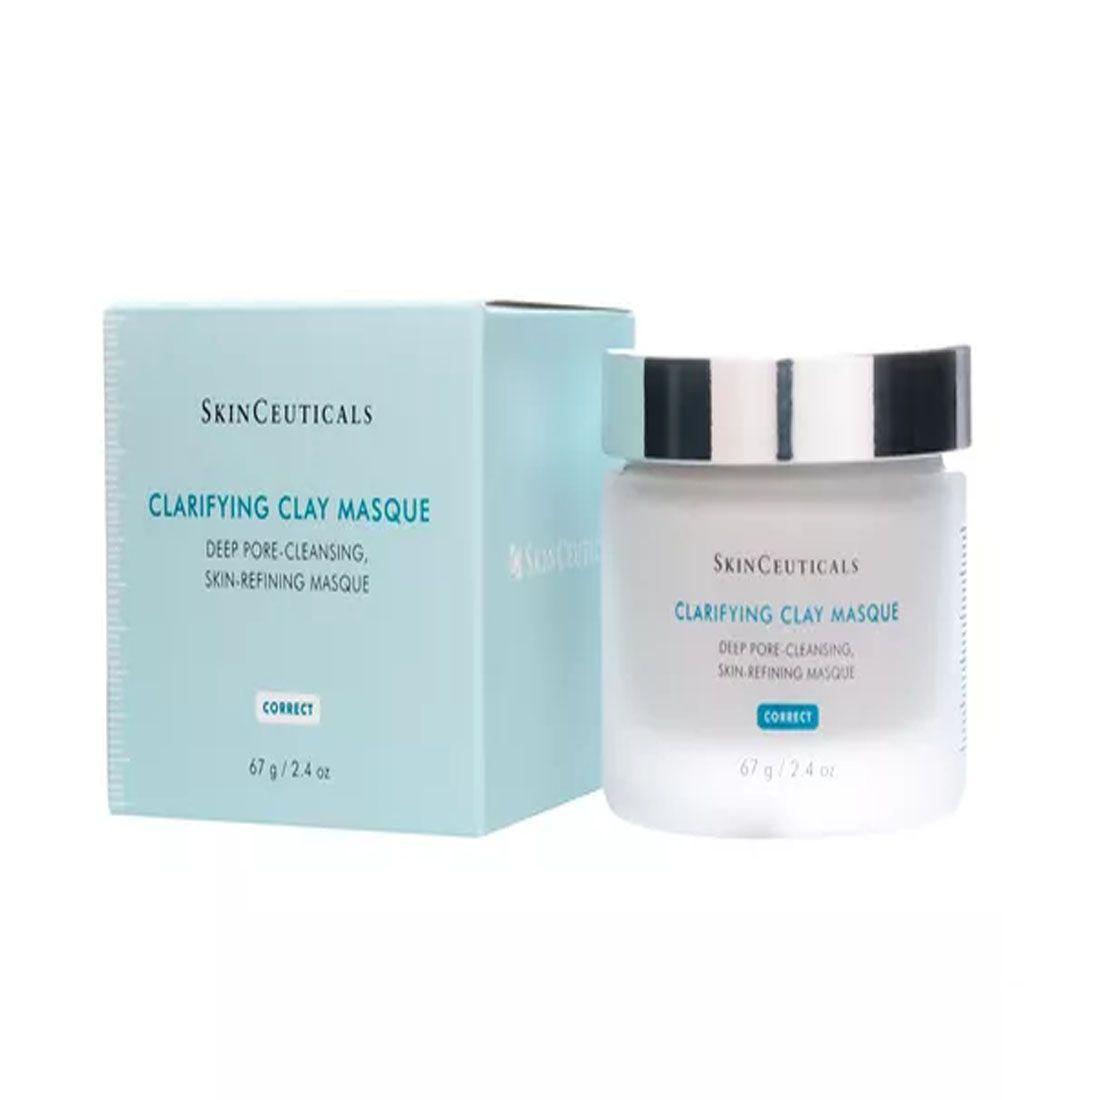 Máscara Skinceuticals Clarifying Clay Masque 67g